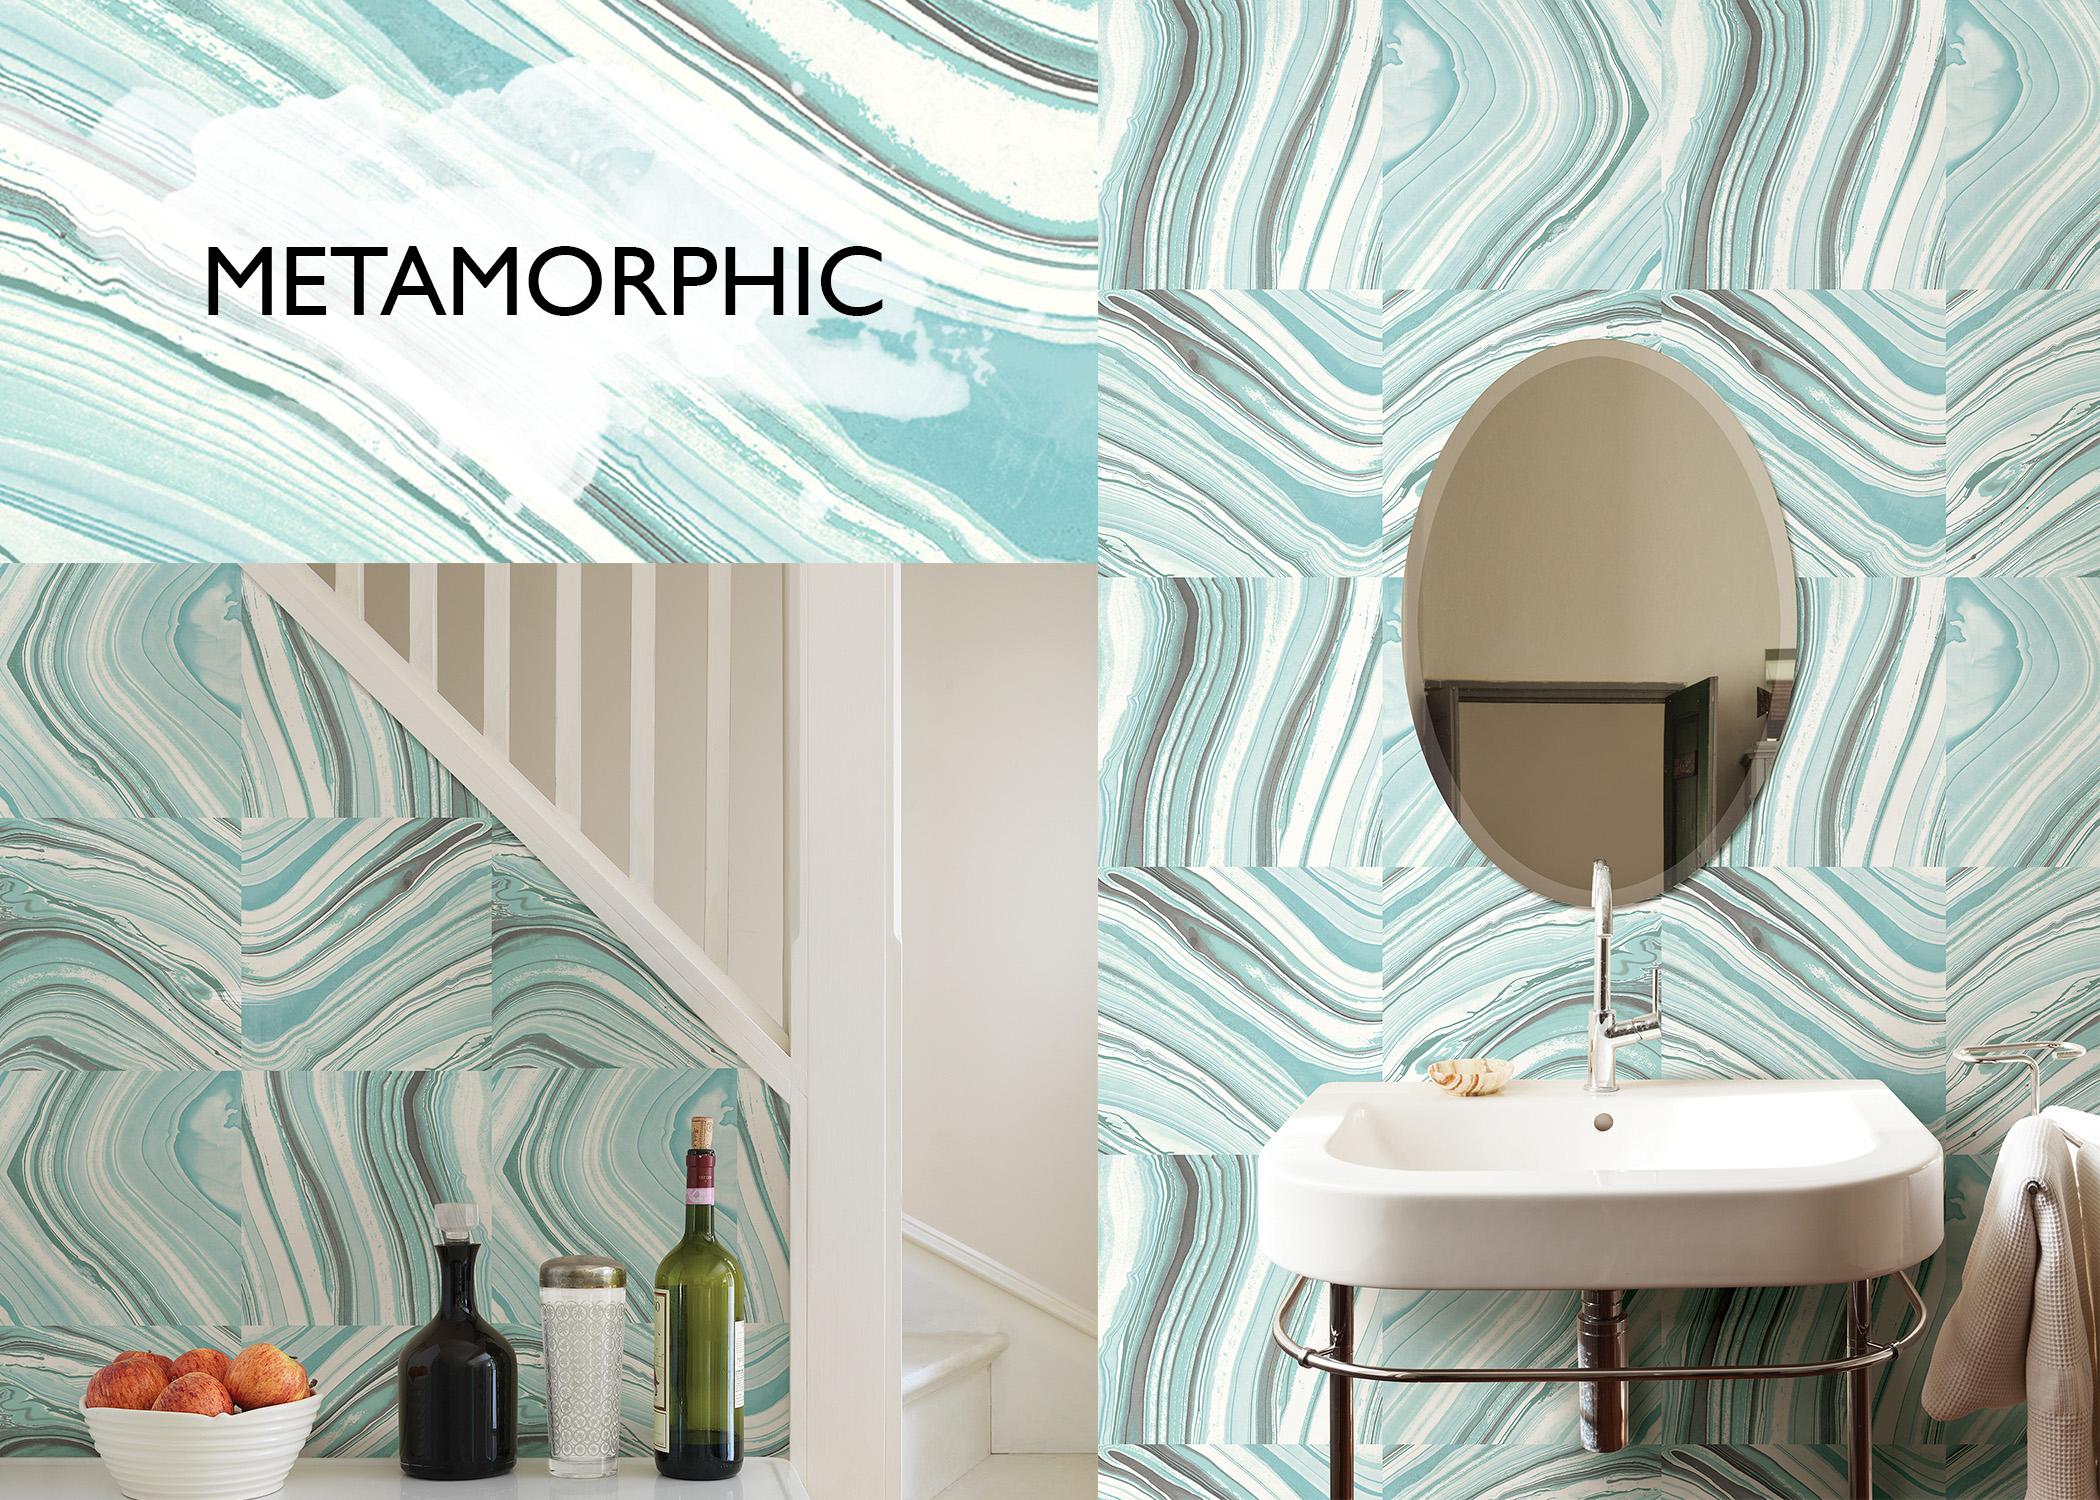 Metamorphic Agate NuWallpaper